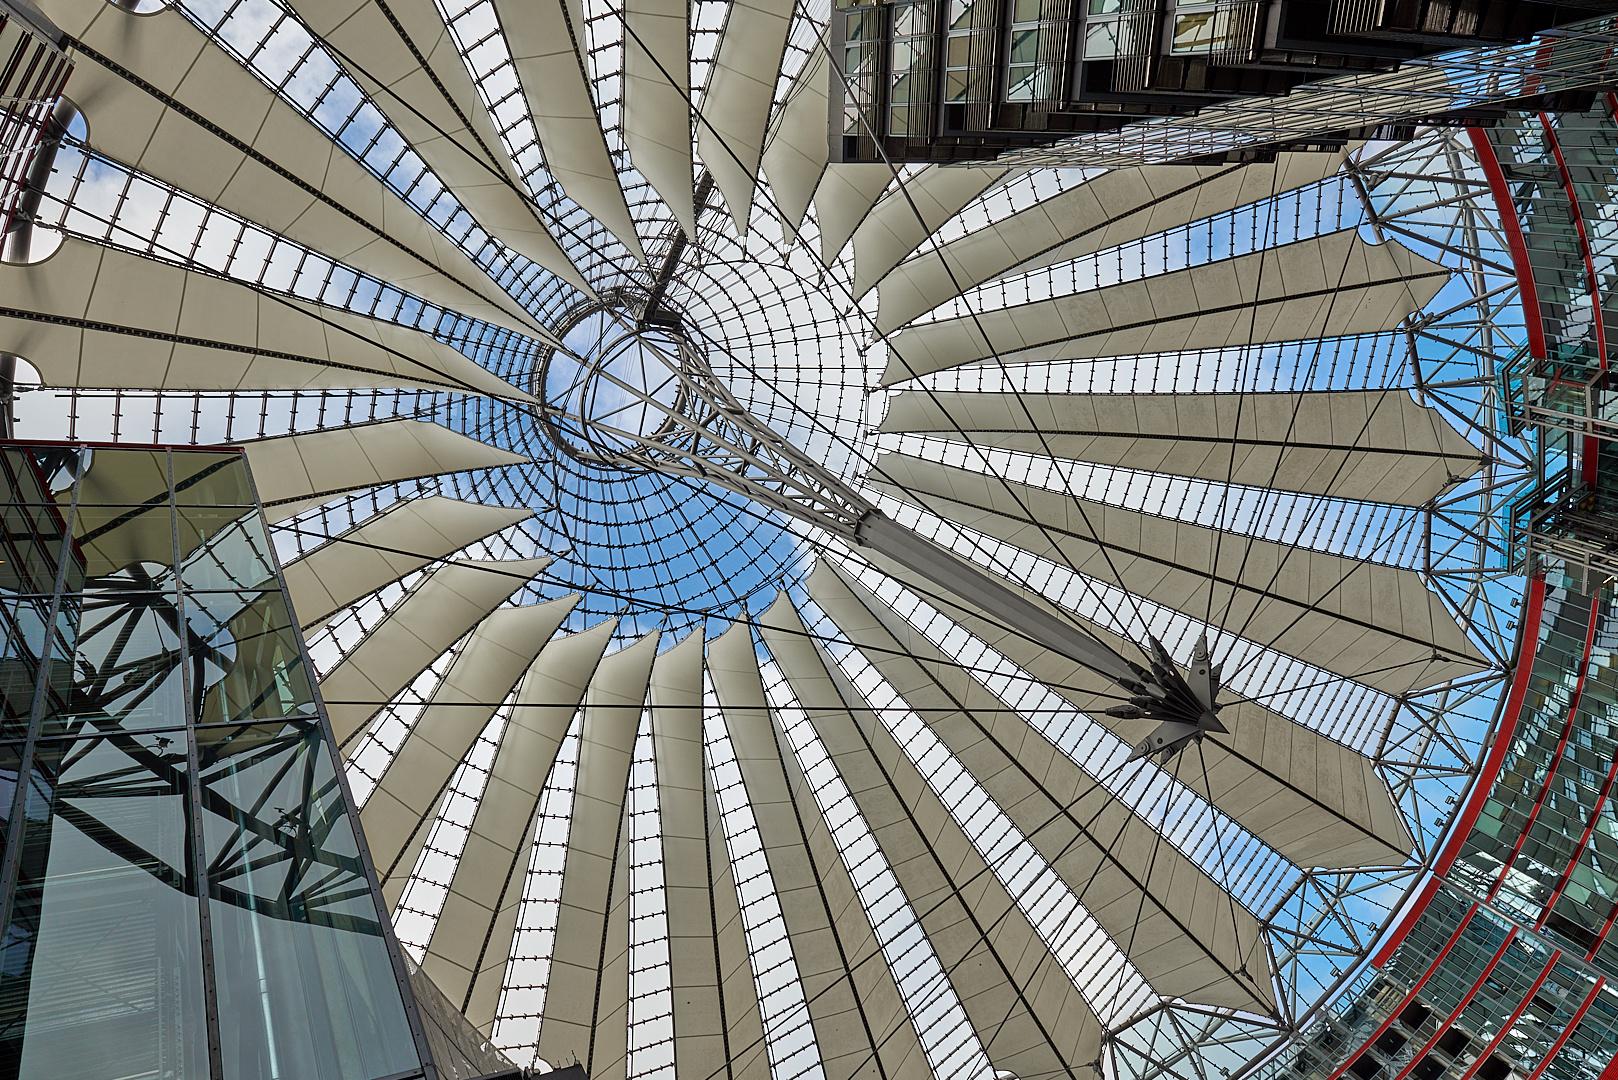 Spiegelungen gibt es genug unter dem SONY CENTER DACH in Berlin Mitte zu sehen.